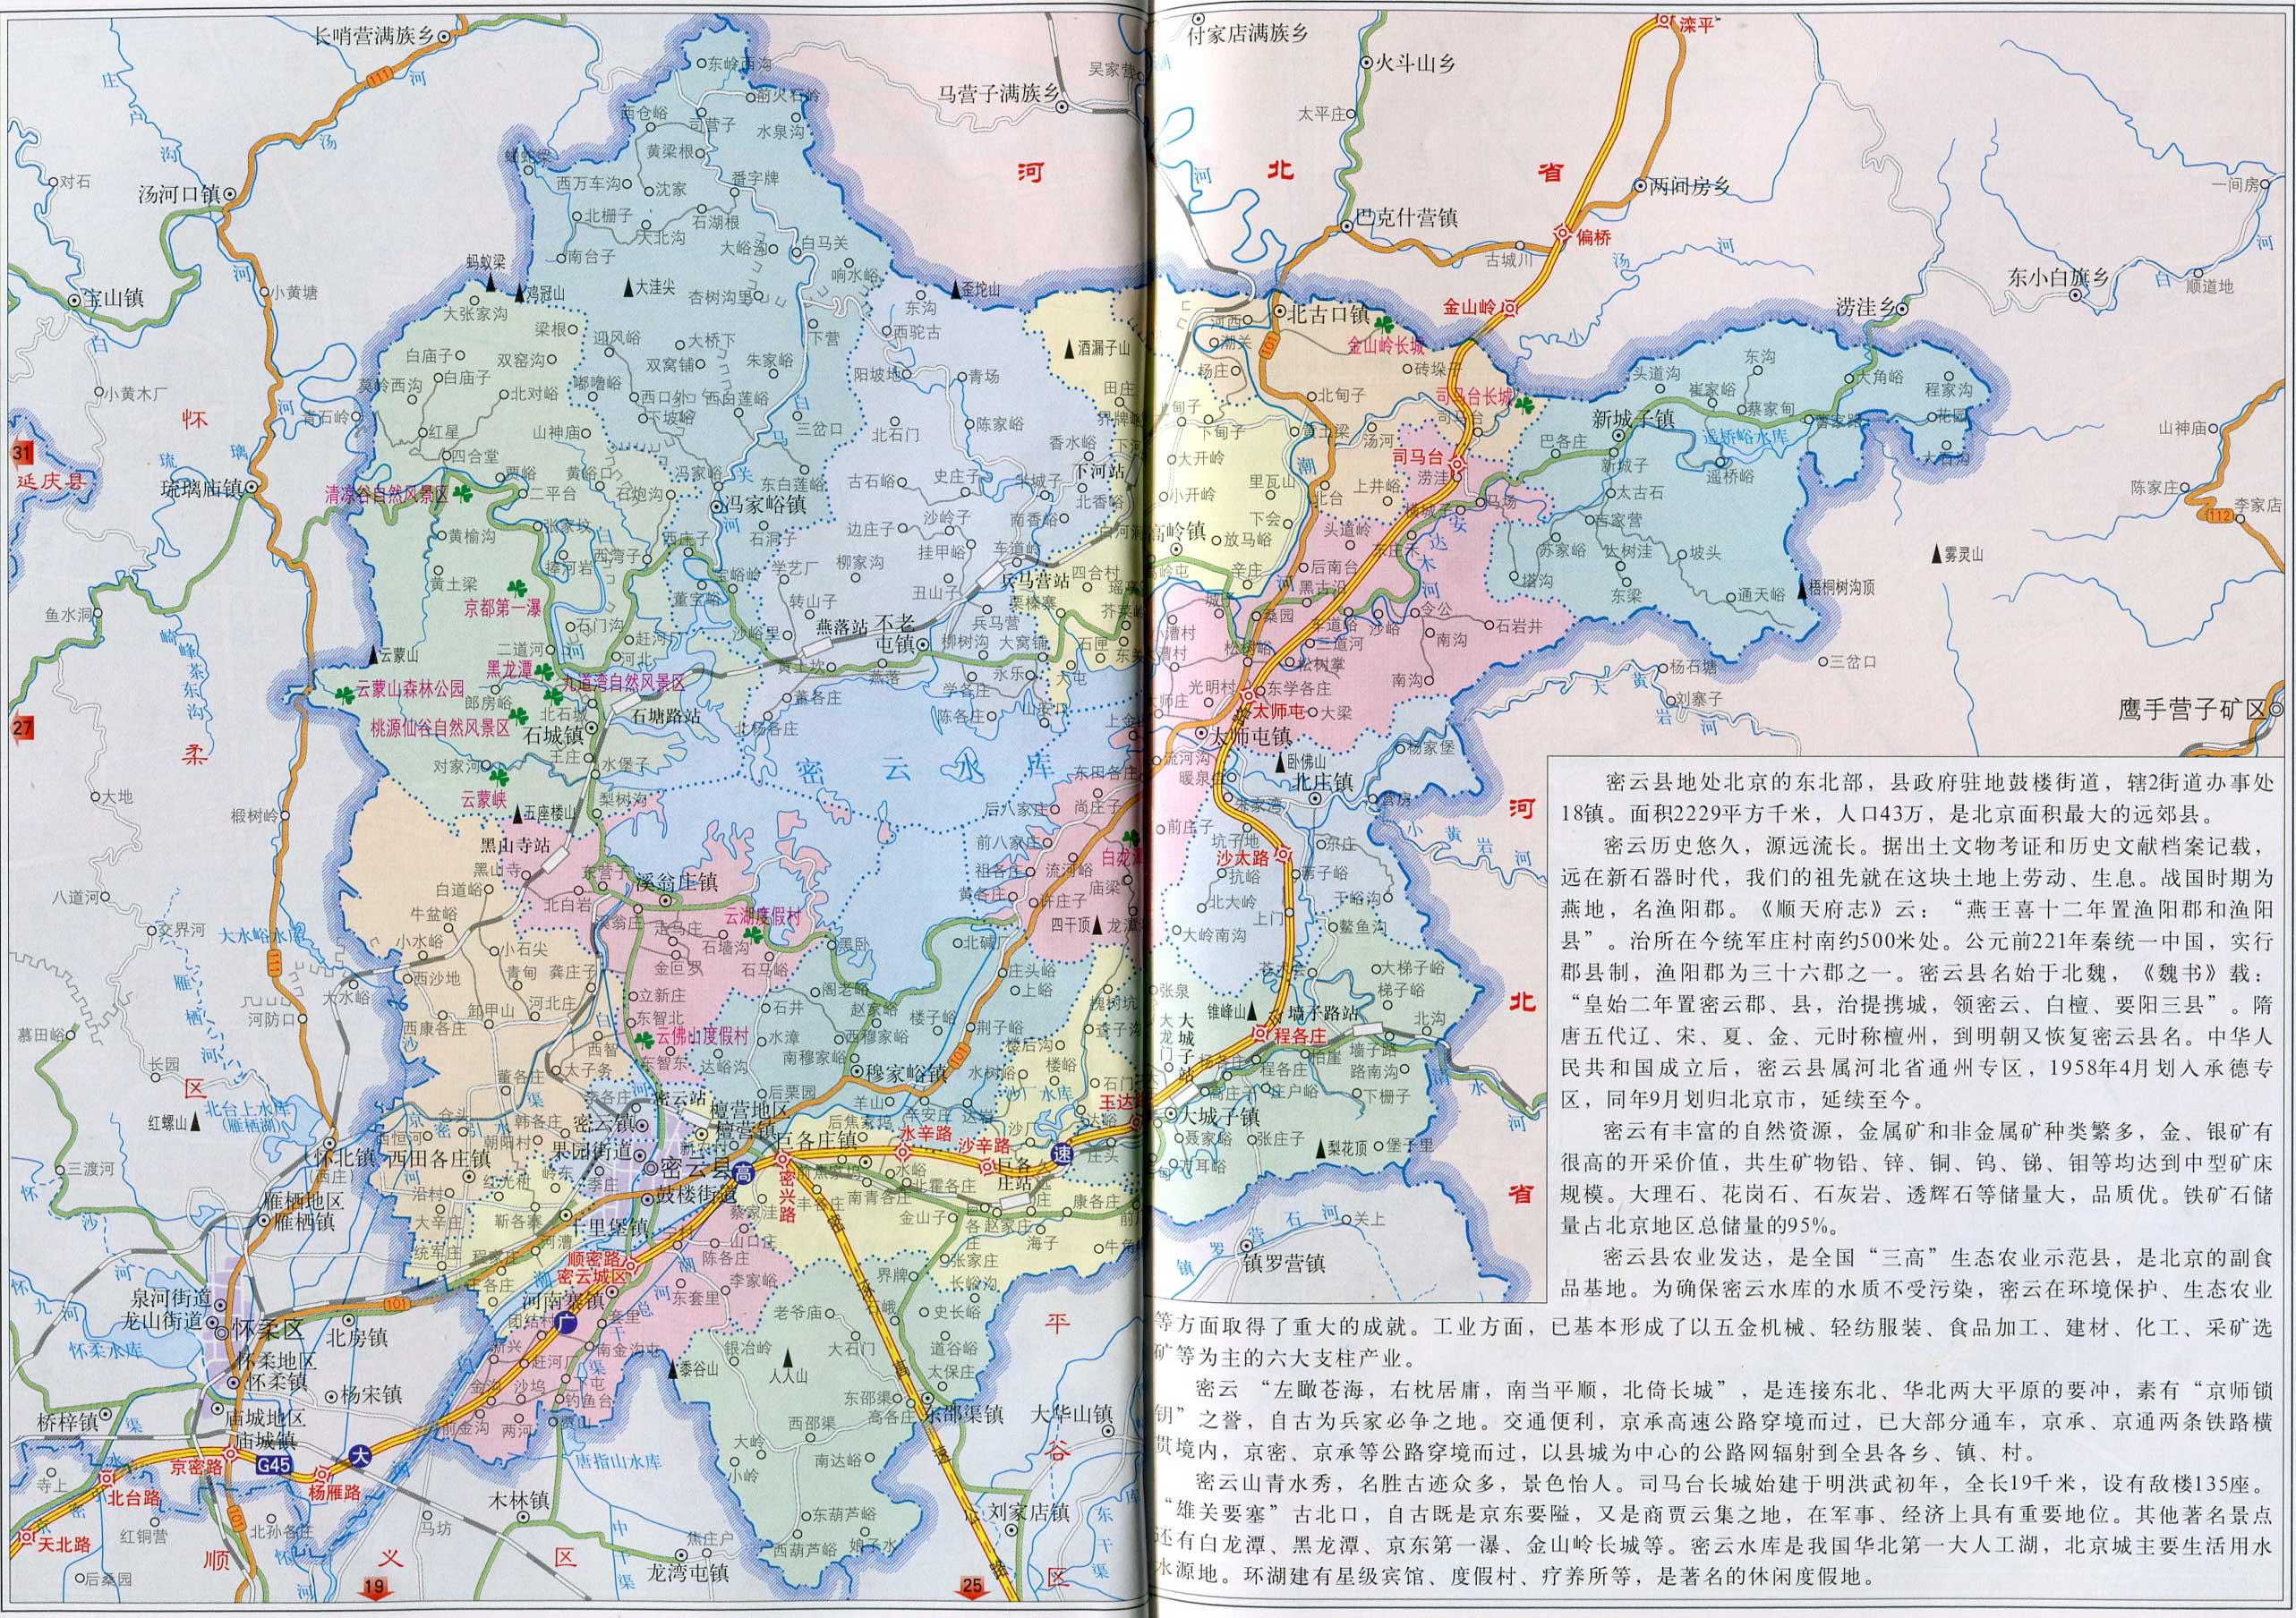 北京市密云县地图_北京区县地图集地图库图片